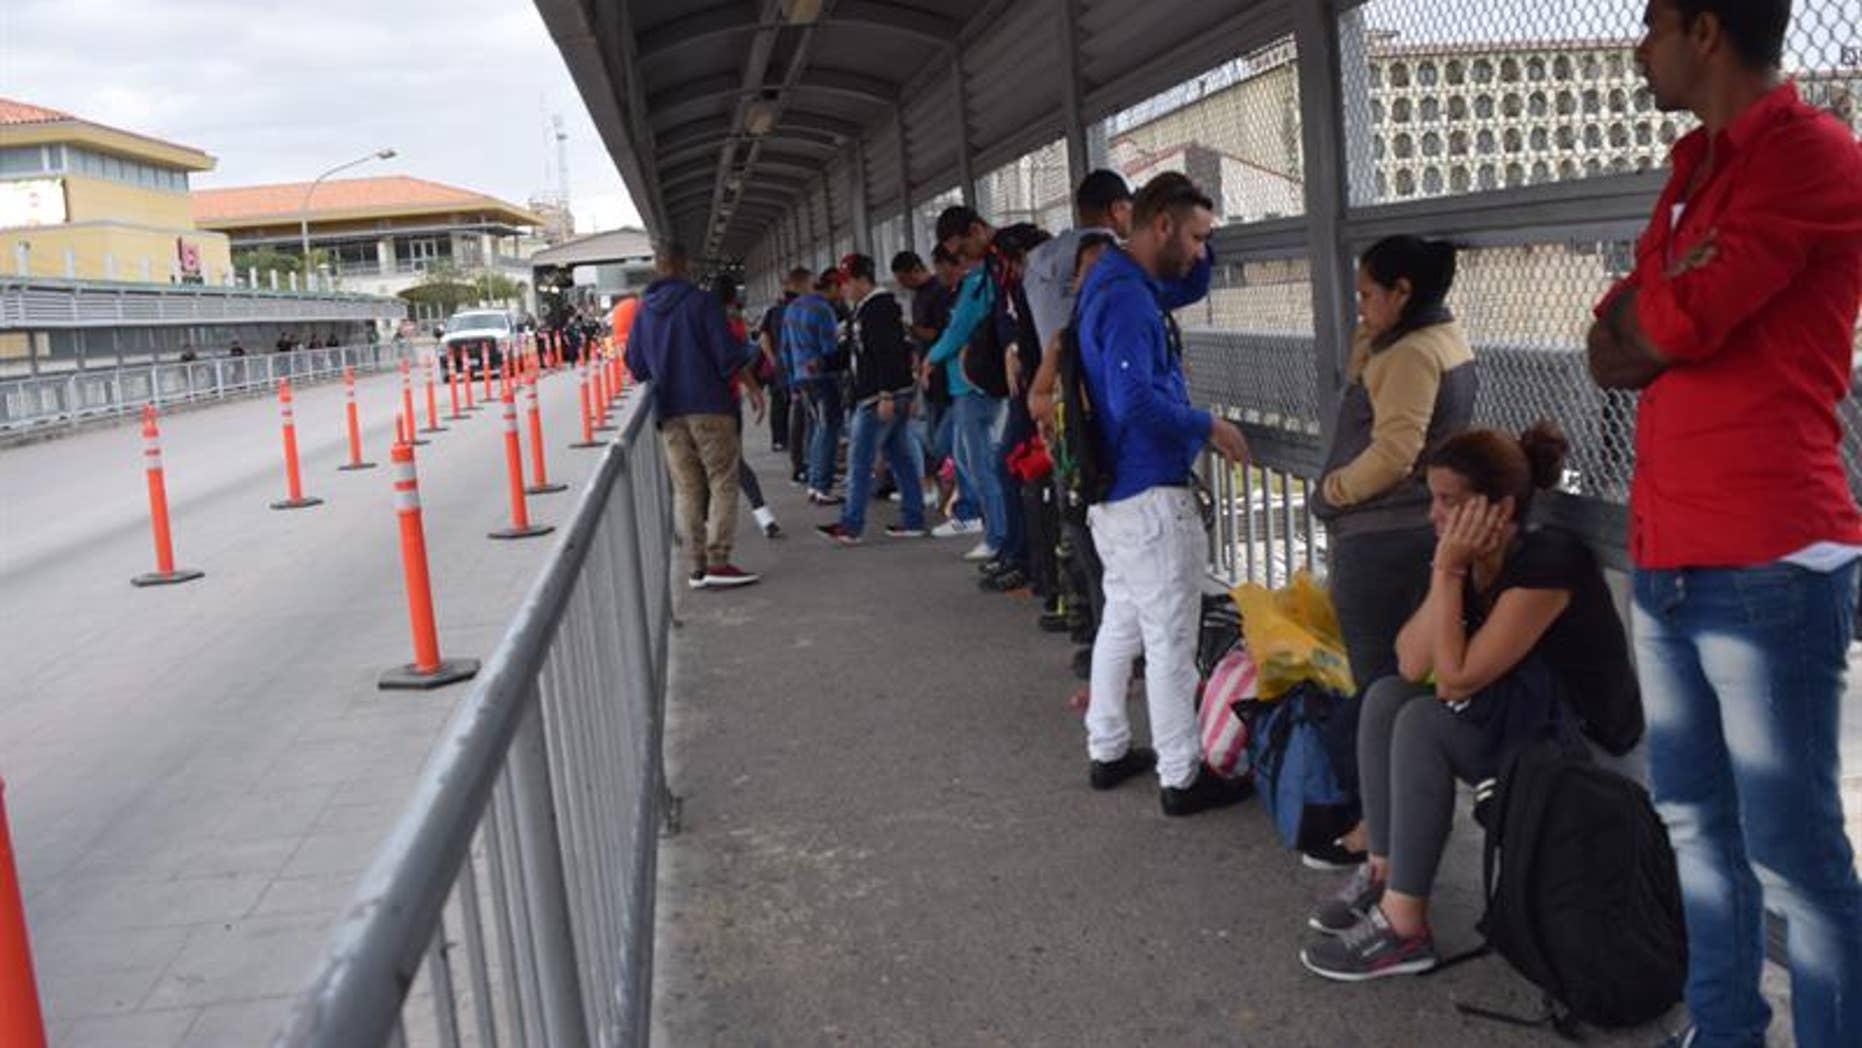 More than 50 undocumented Cuban migrants are stranded in Nuevo Laredo, Mexico.